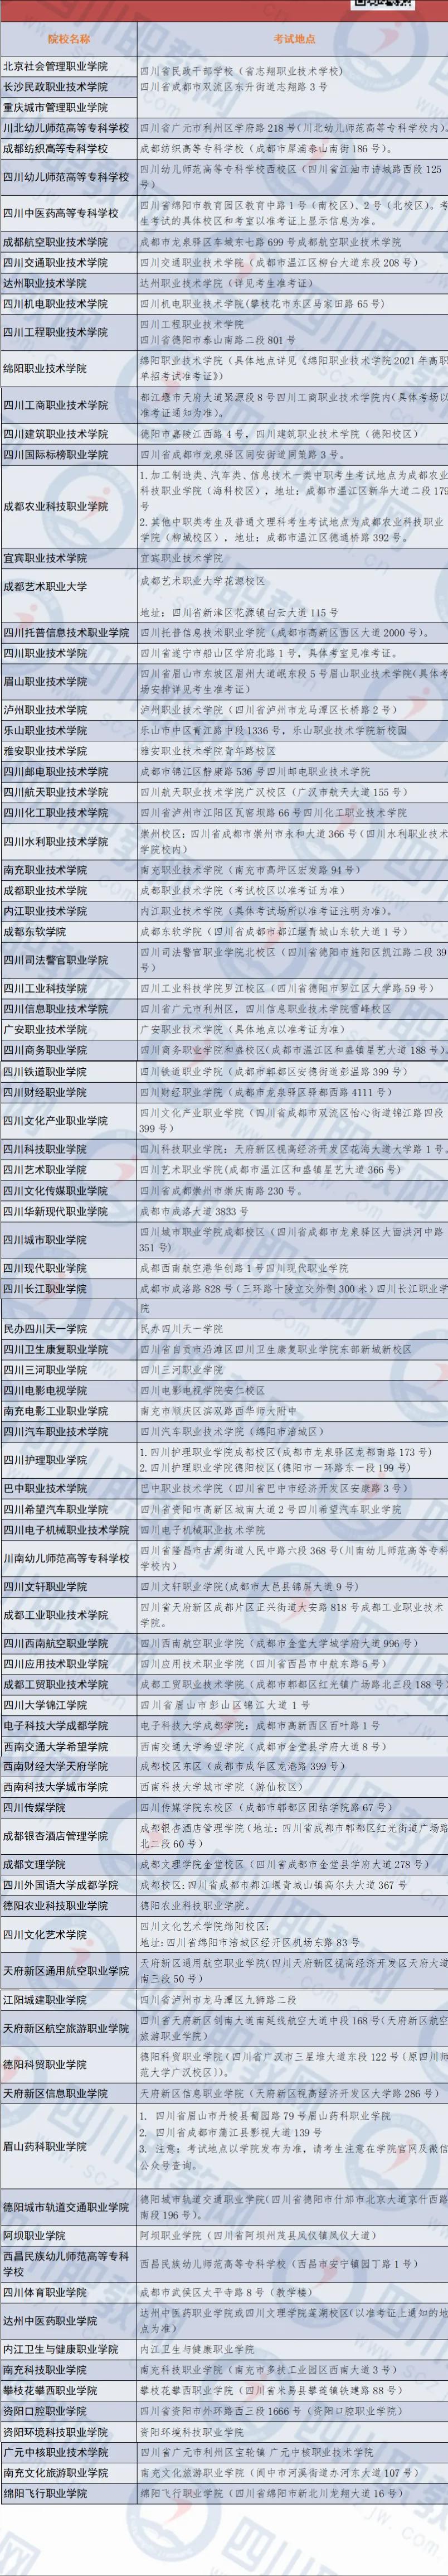 94所2021年四川高职单招院校考试地址全知道,还有注意事项